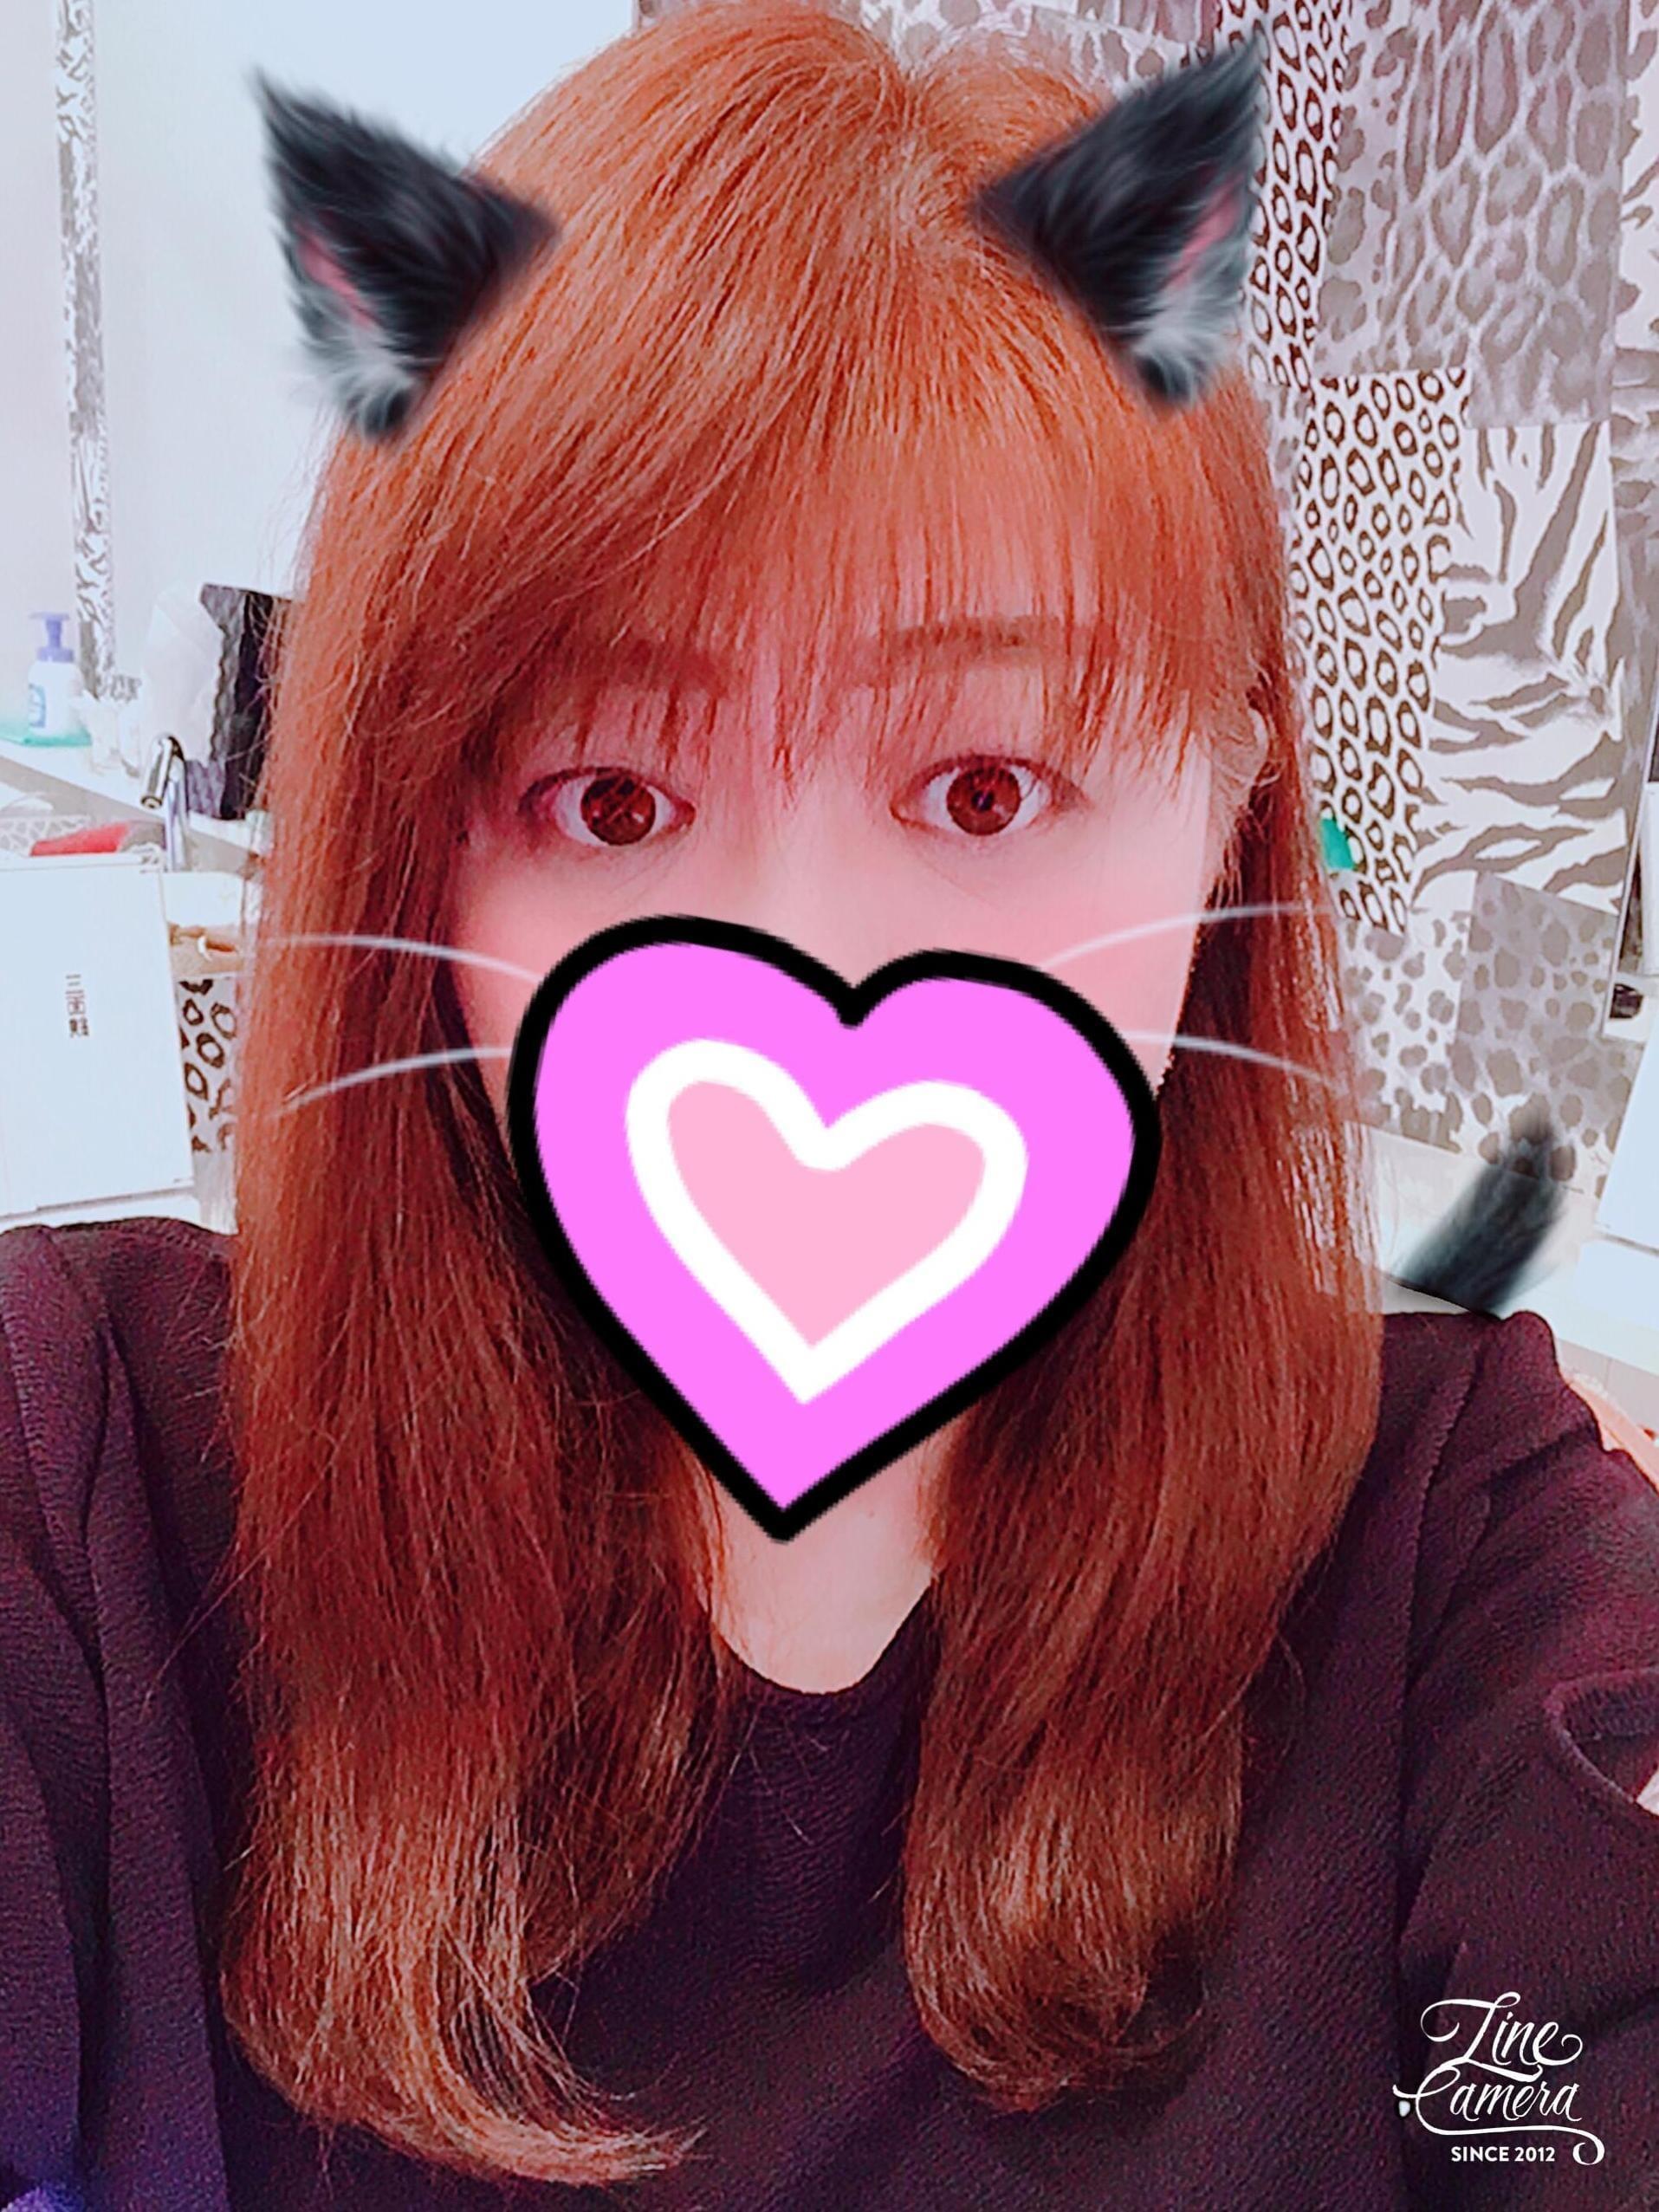 「新宿で待機中です(/-\*)」01/18(01/18) 20:23 | しずなの写メ・風俗動画